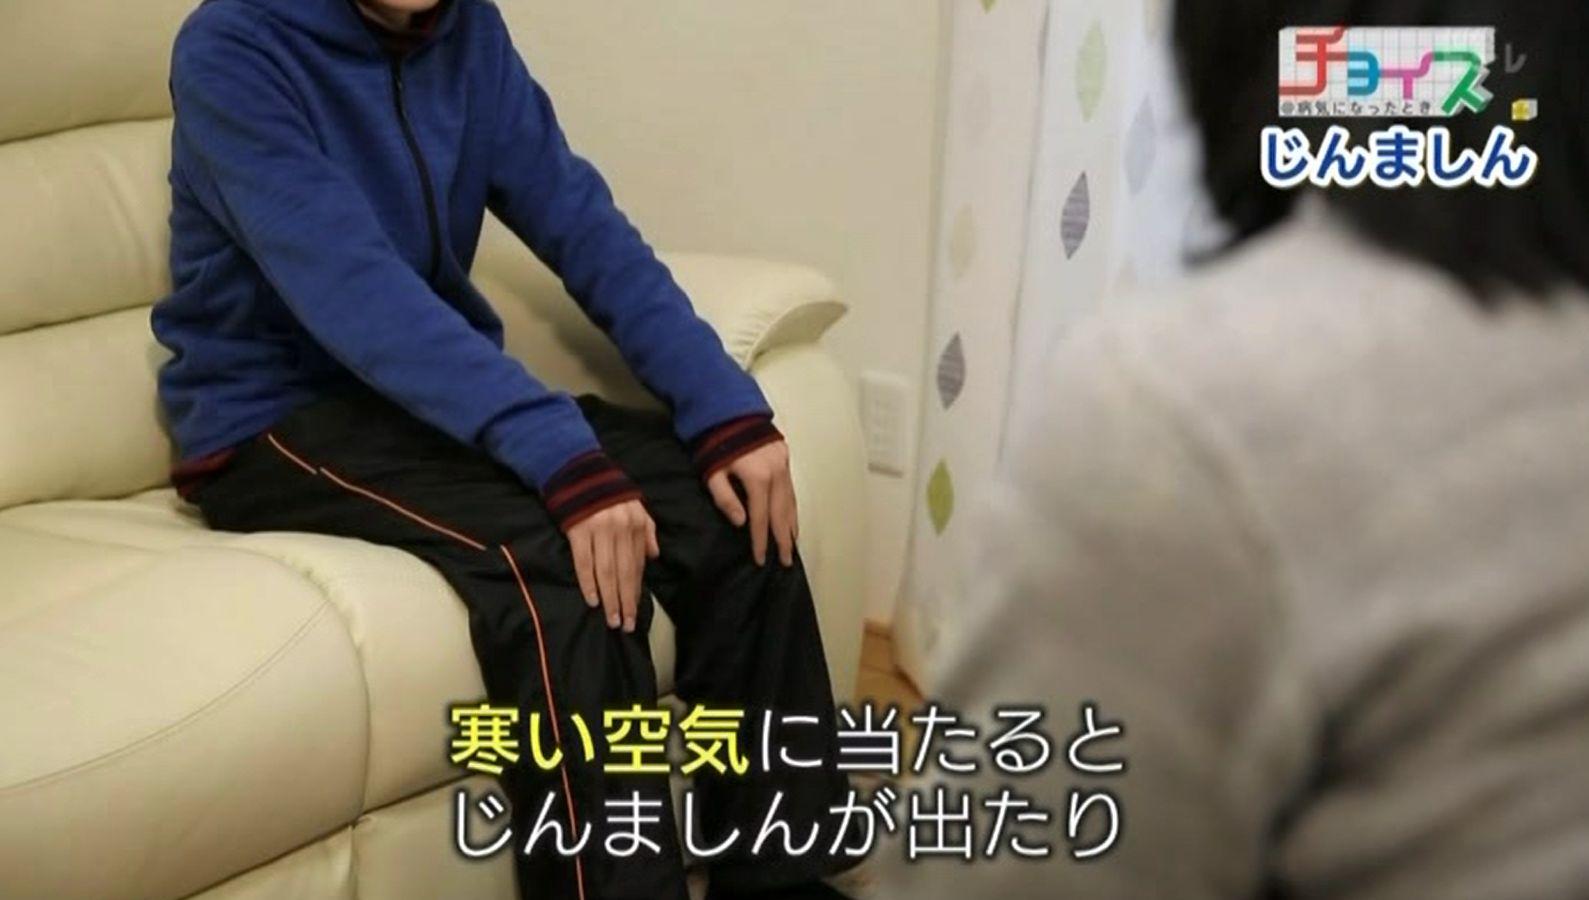 山田さんは寒い空気に当たるとじんましんが出た